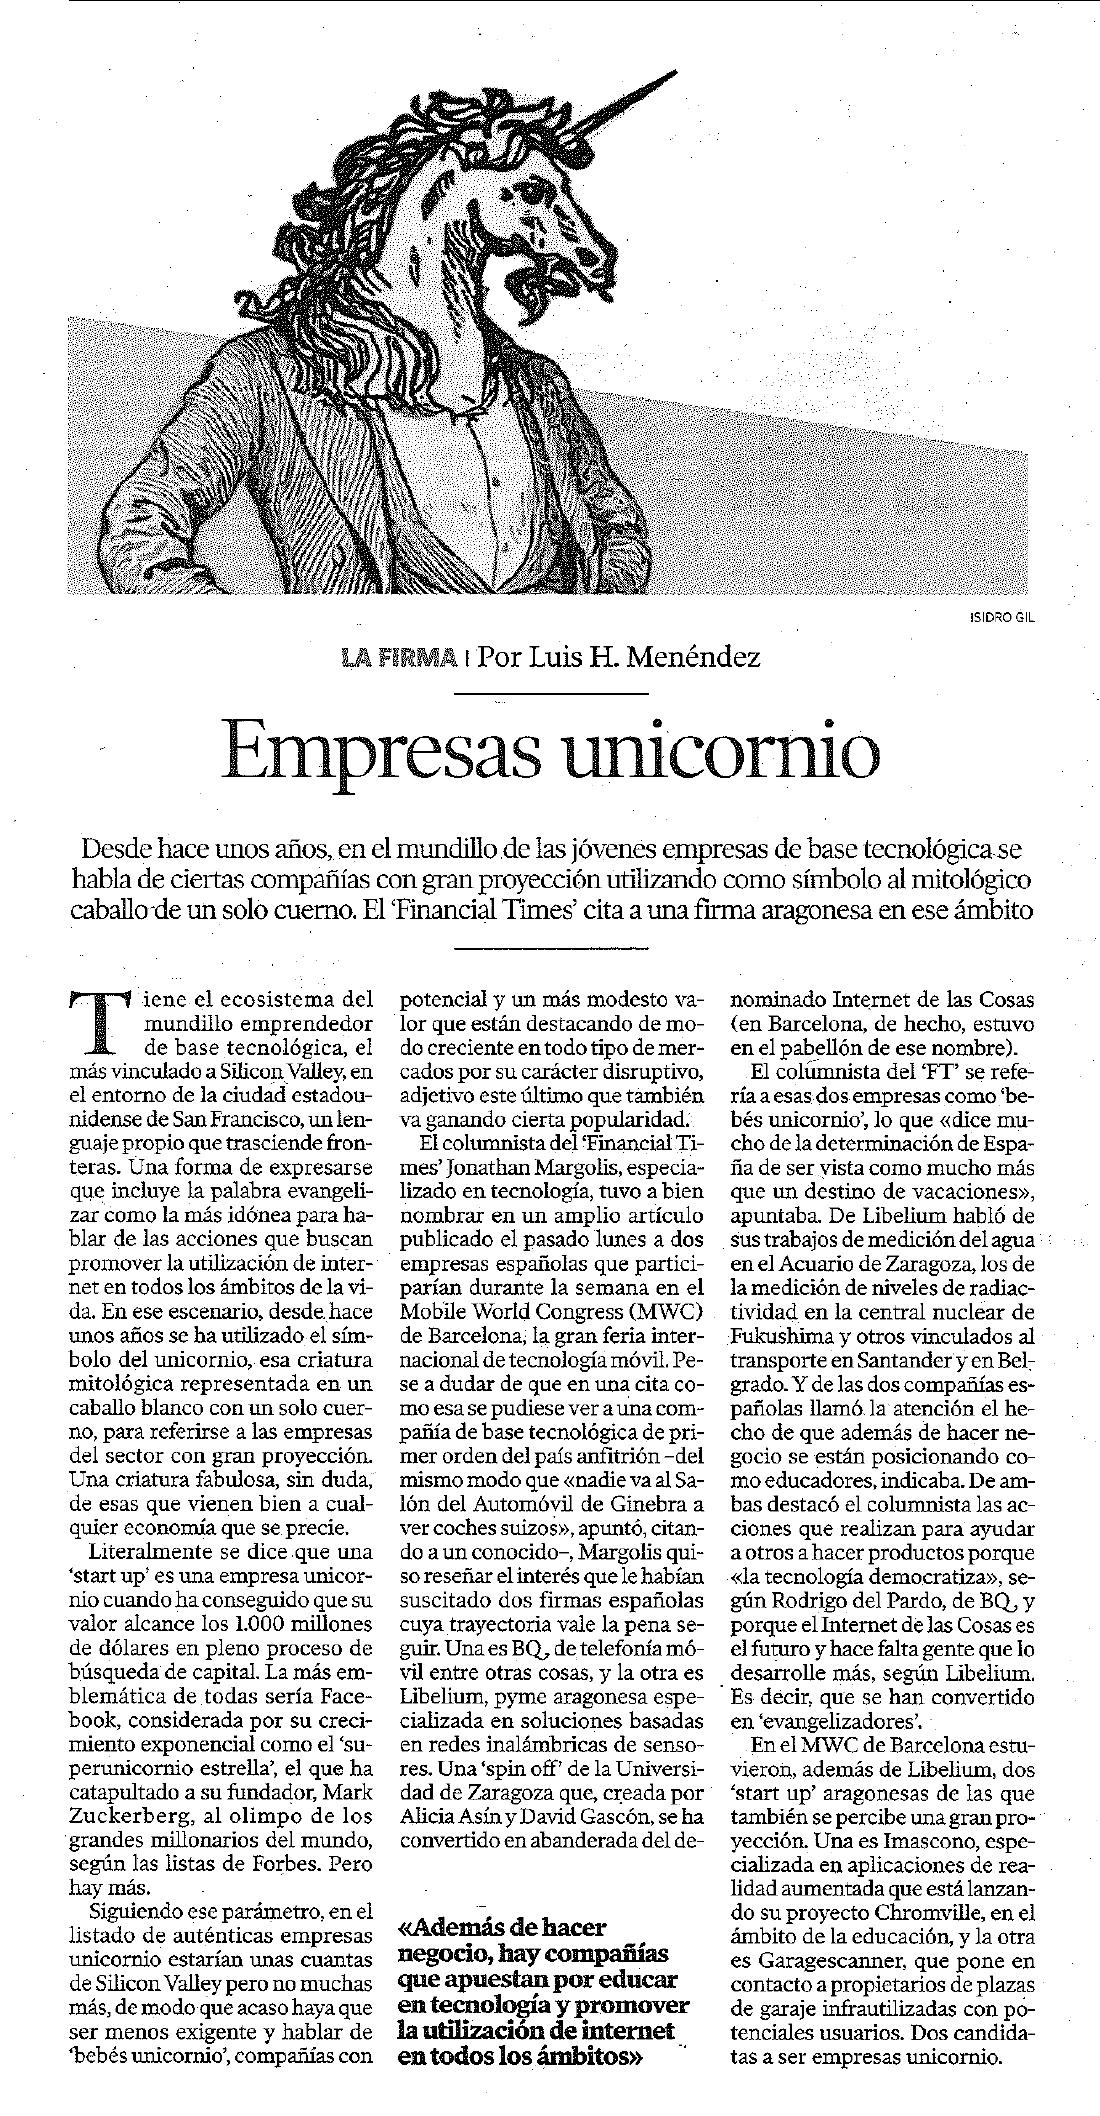 Heraldo de Aragón – Empresas unicornio | Libelium